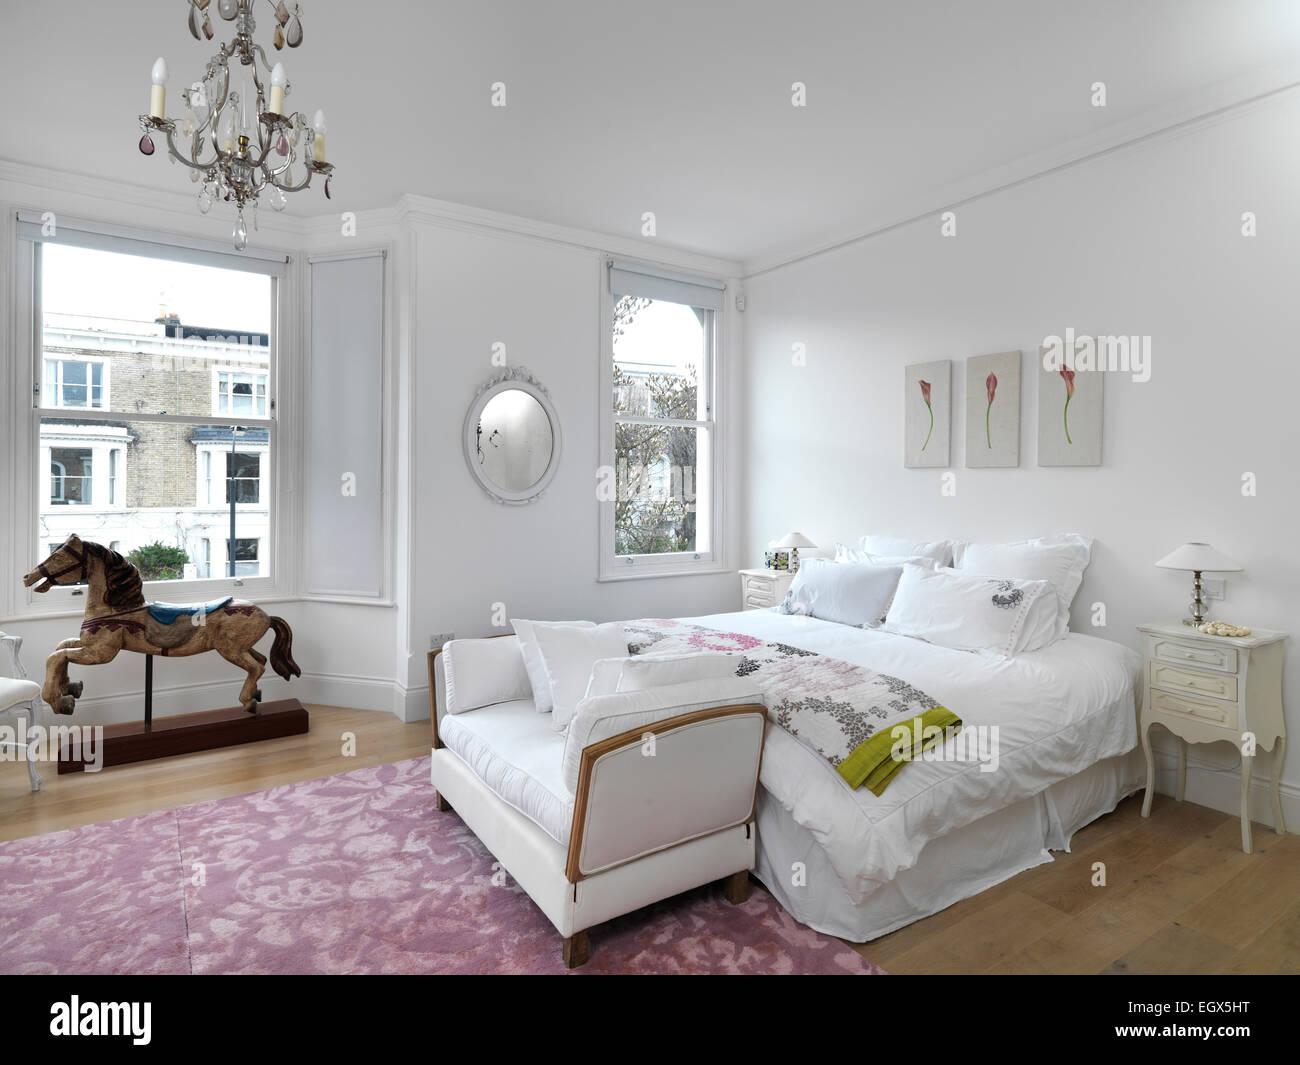 Camere Da Letto Tradizionali : Lettino al piede del letto matrimoniale in camera da letto